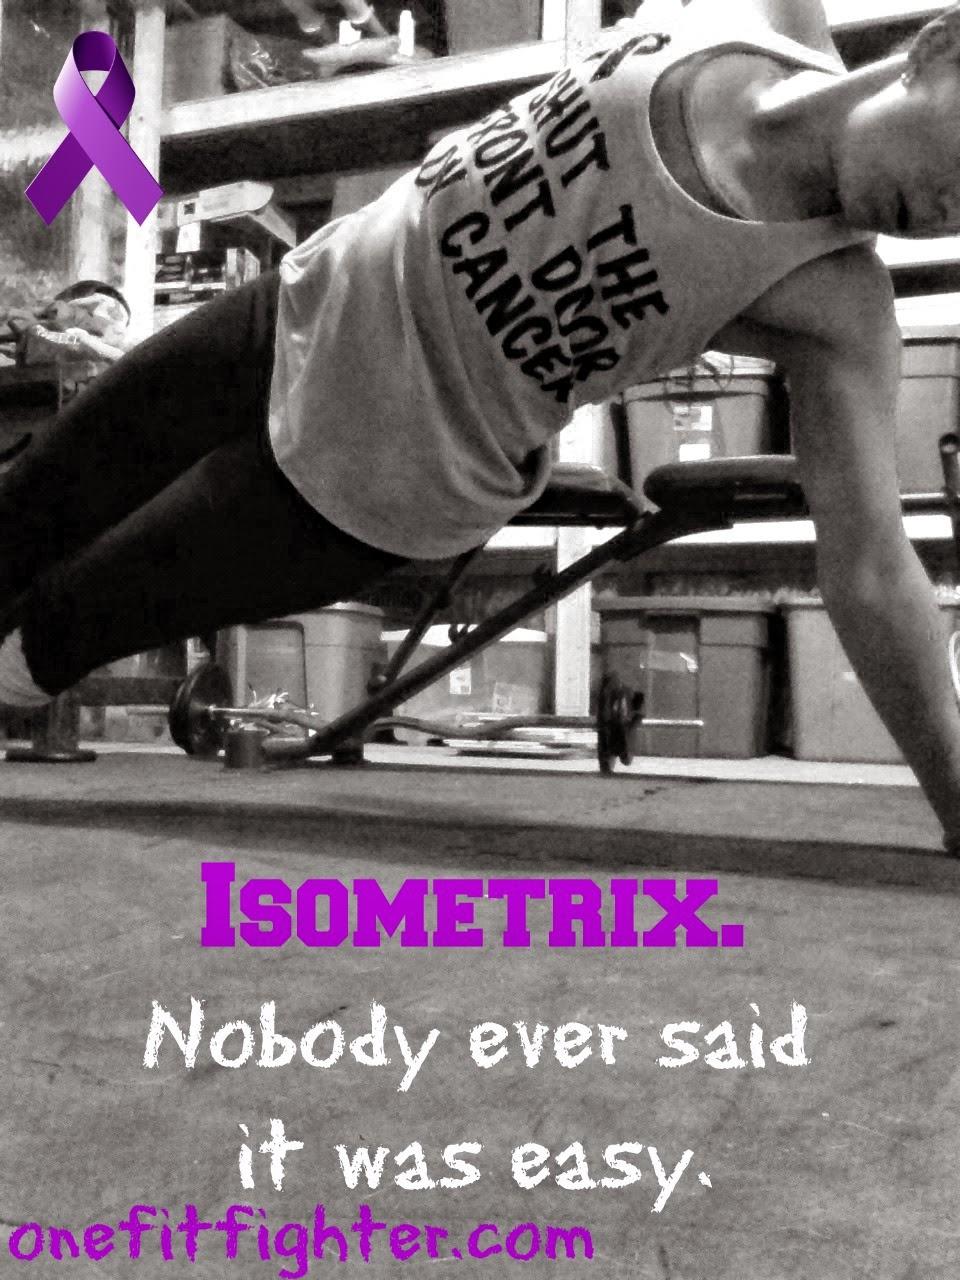 isometrix